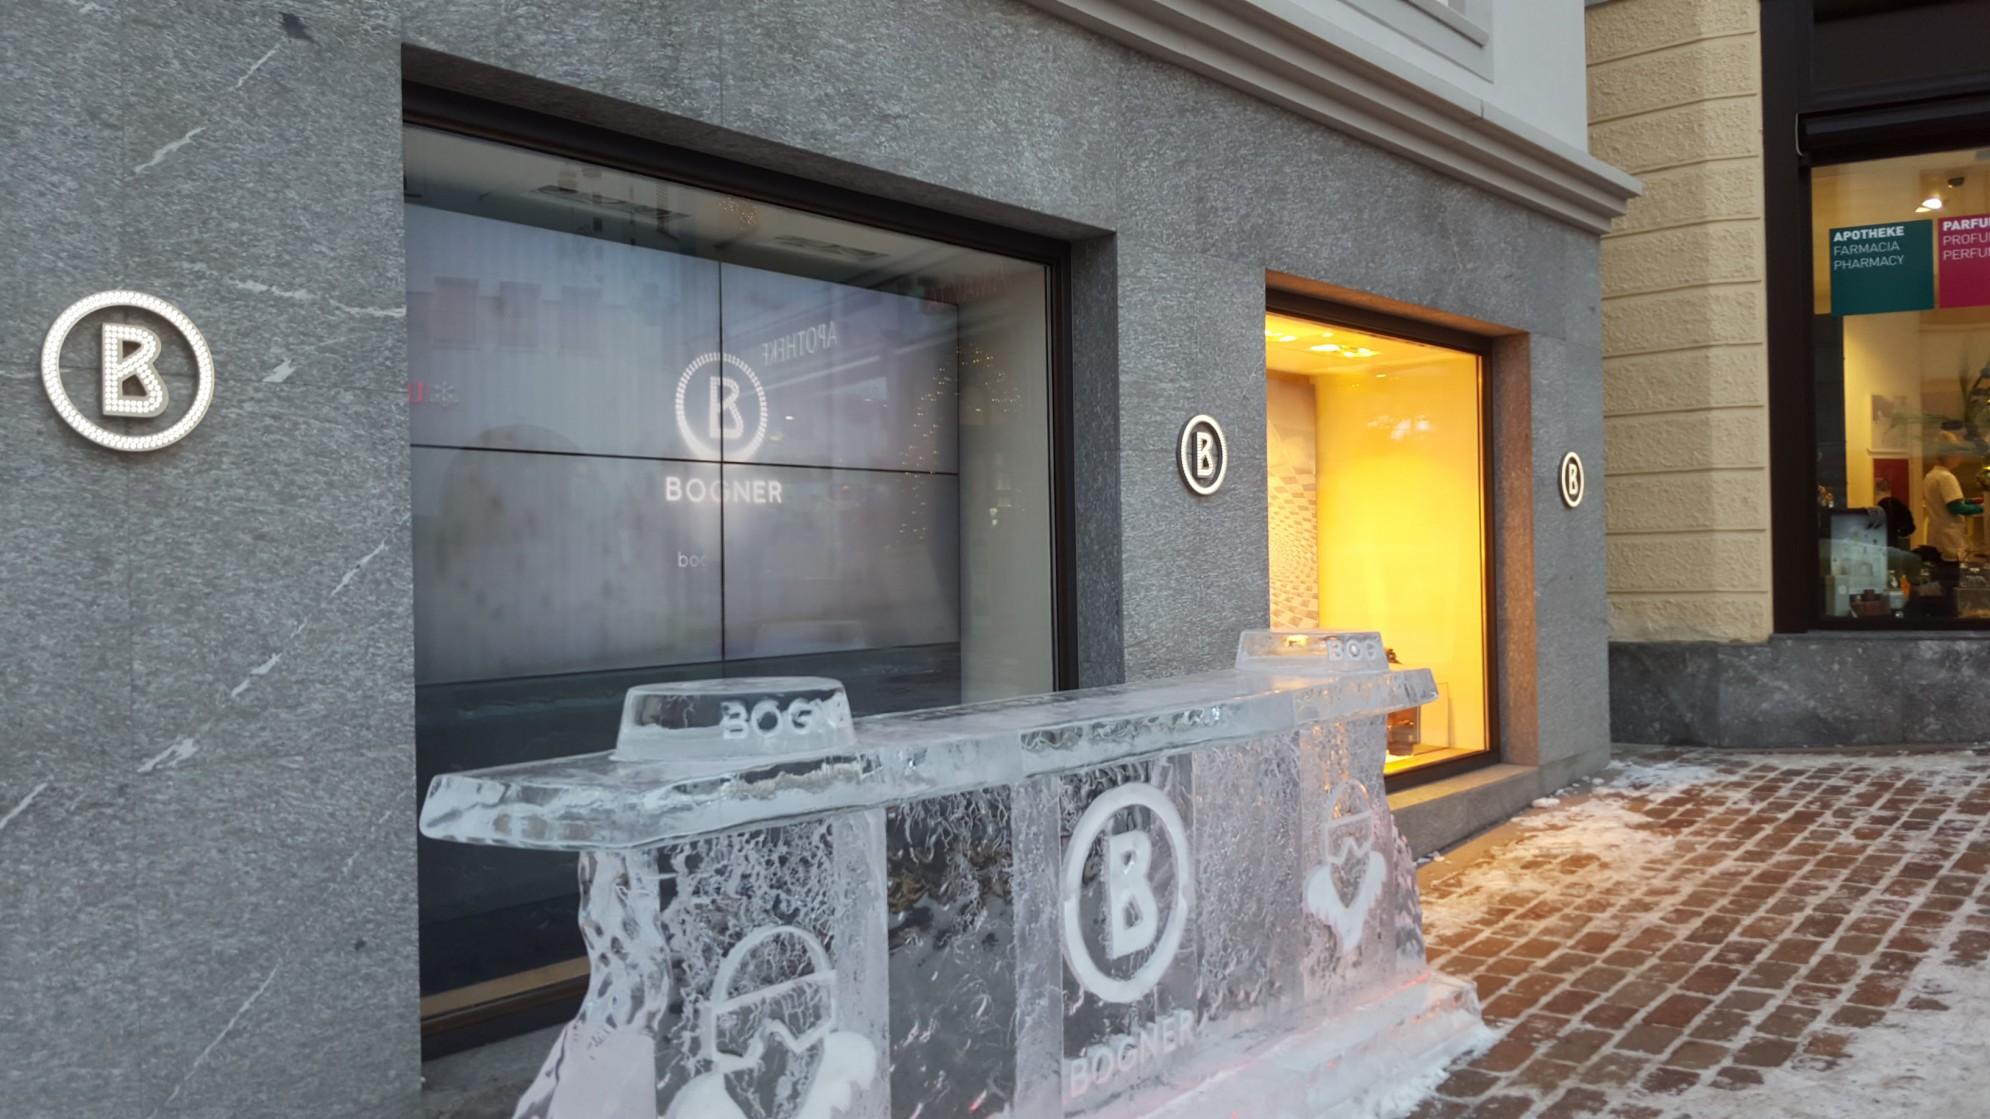 vista laterale del Negozio Bogner realizzato su edificio in marmo- Saint Moritz